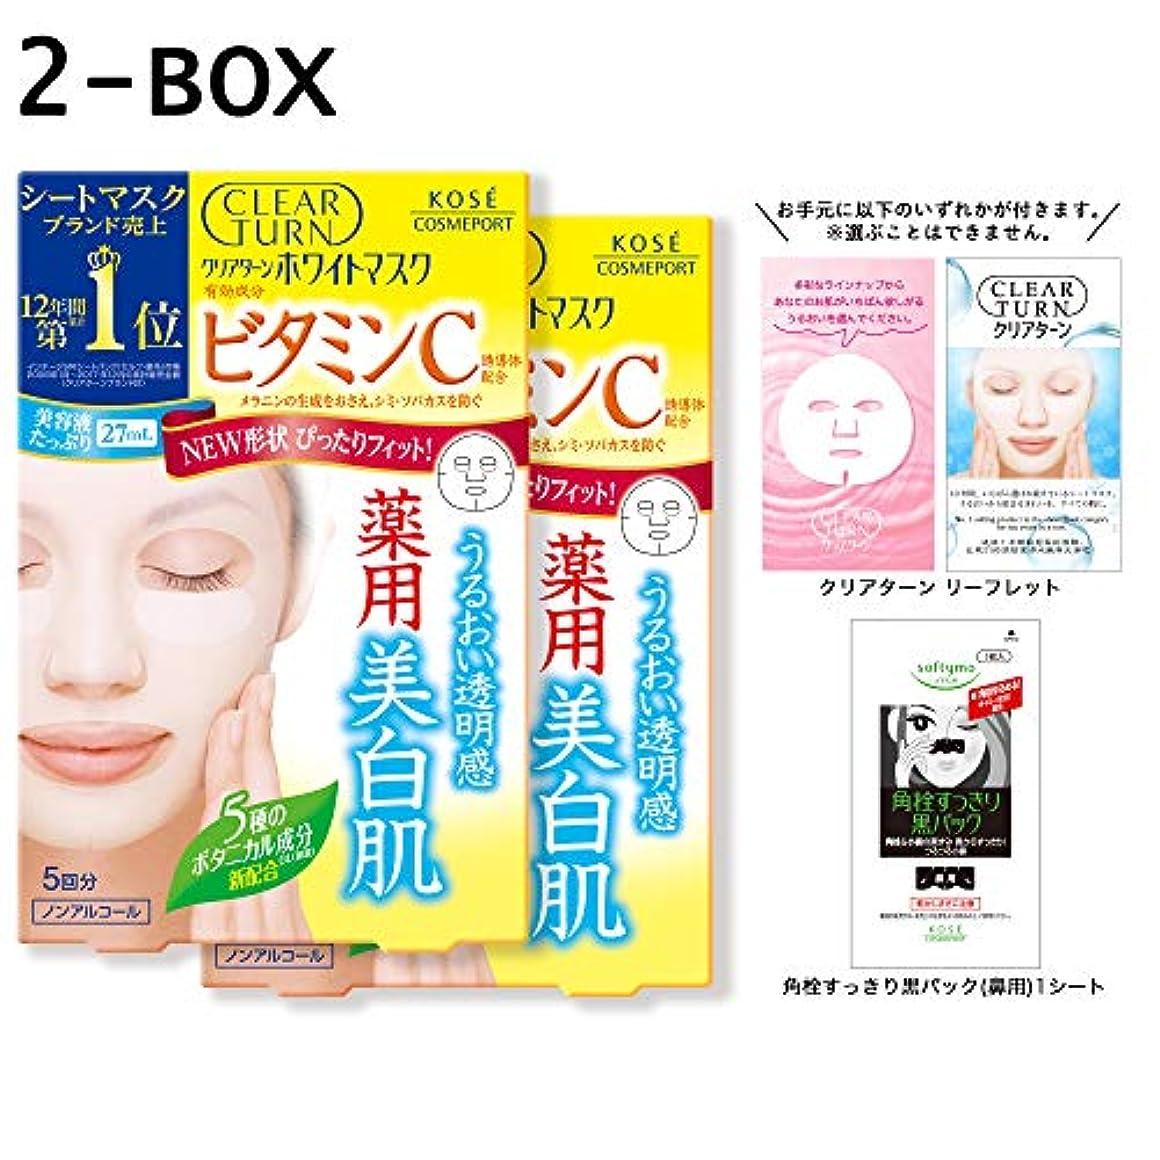 公然と横うま【Amazon.co.jp限定】KOSE クリアターン ホワイト マスク VC (ビタミンC) 5枚 2パック おまけ付 フェイスマスク (医薬部外品)